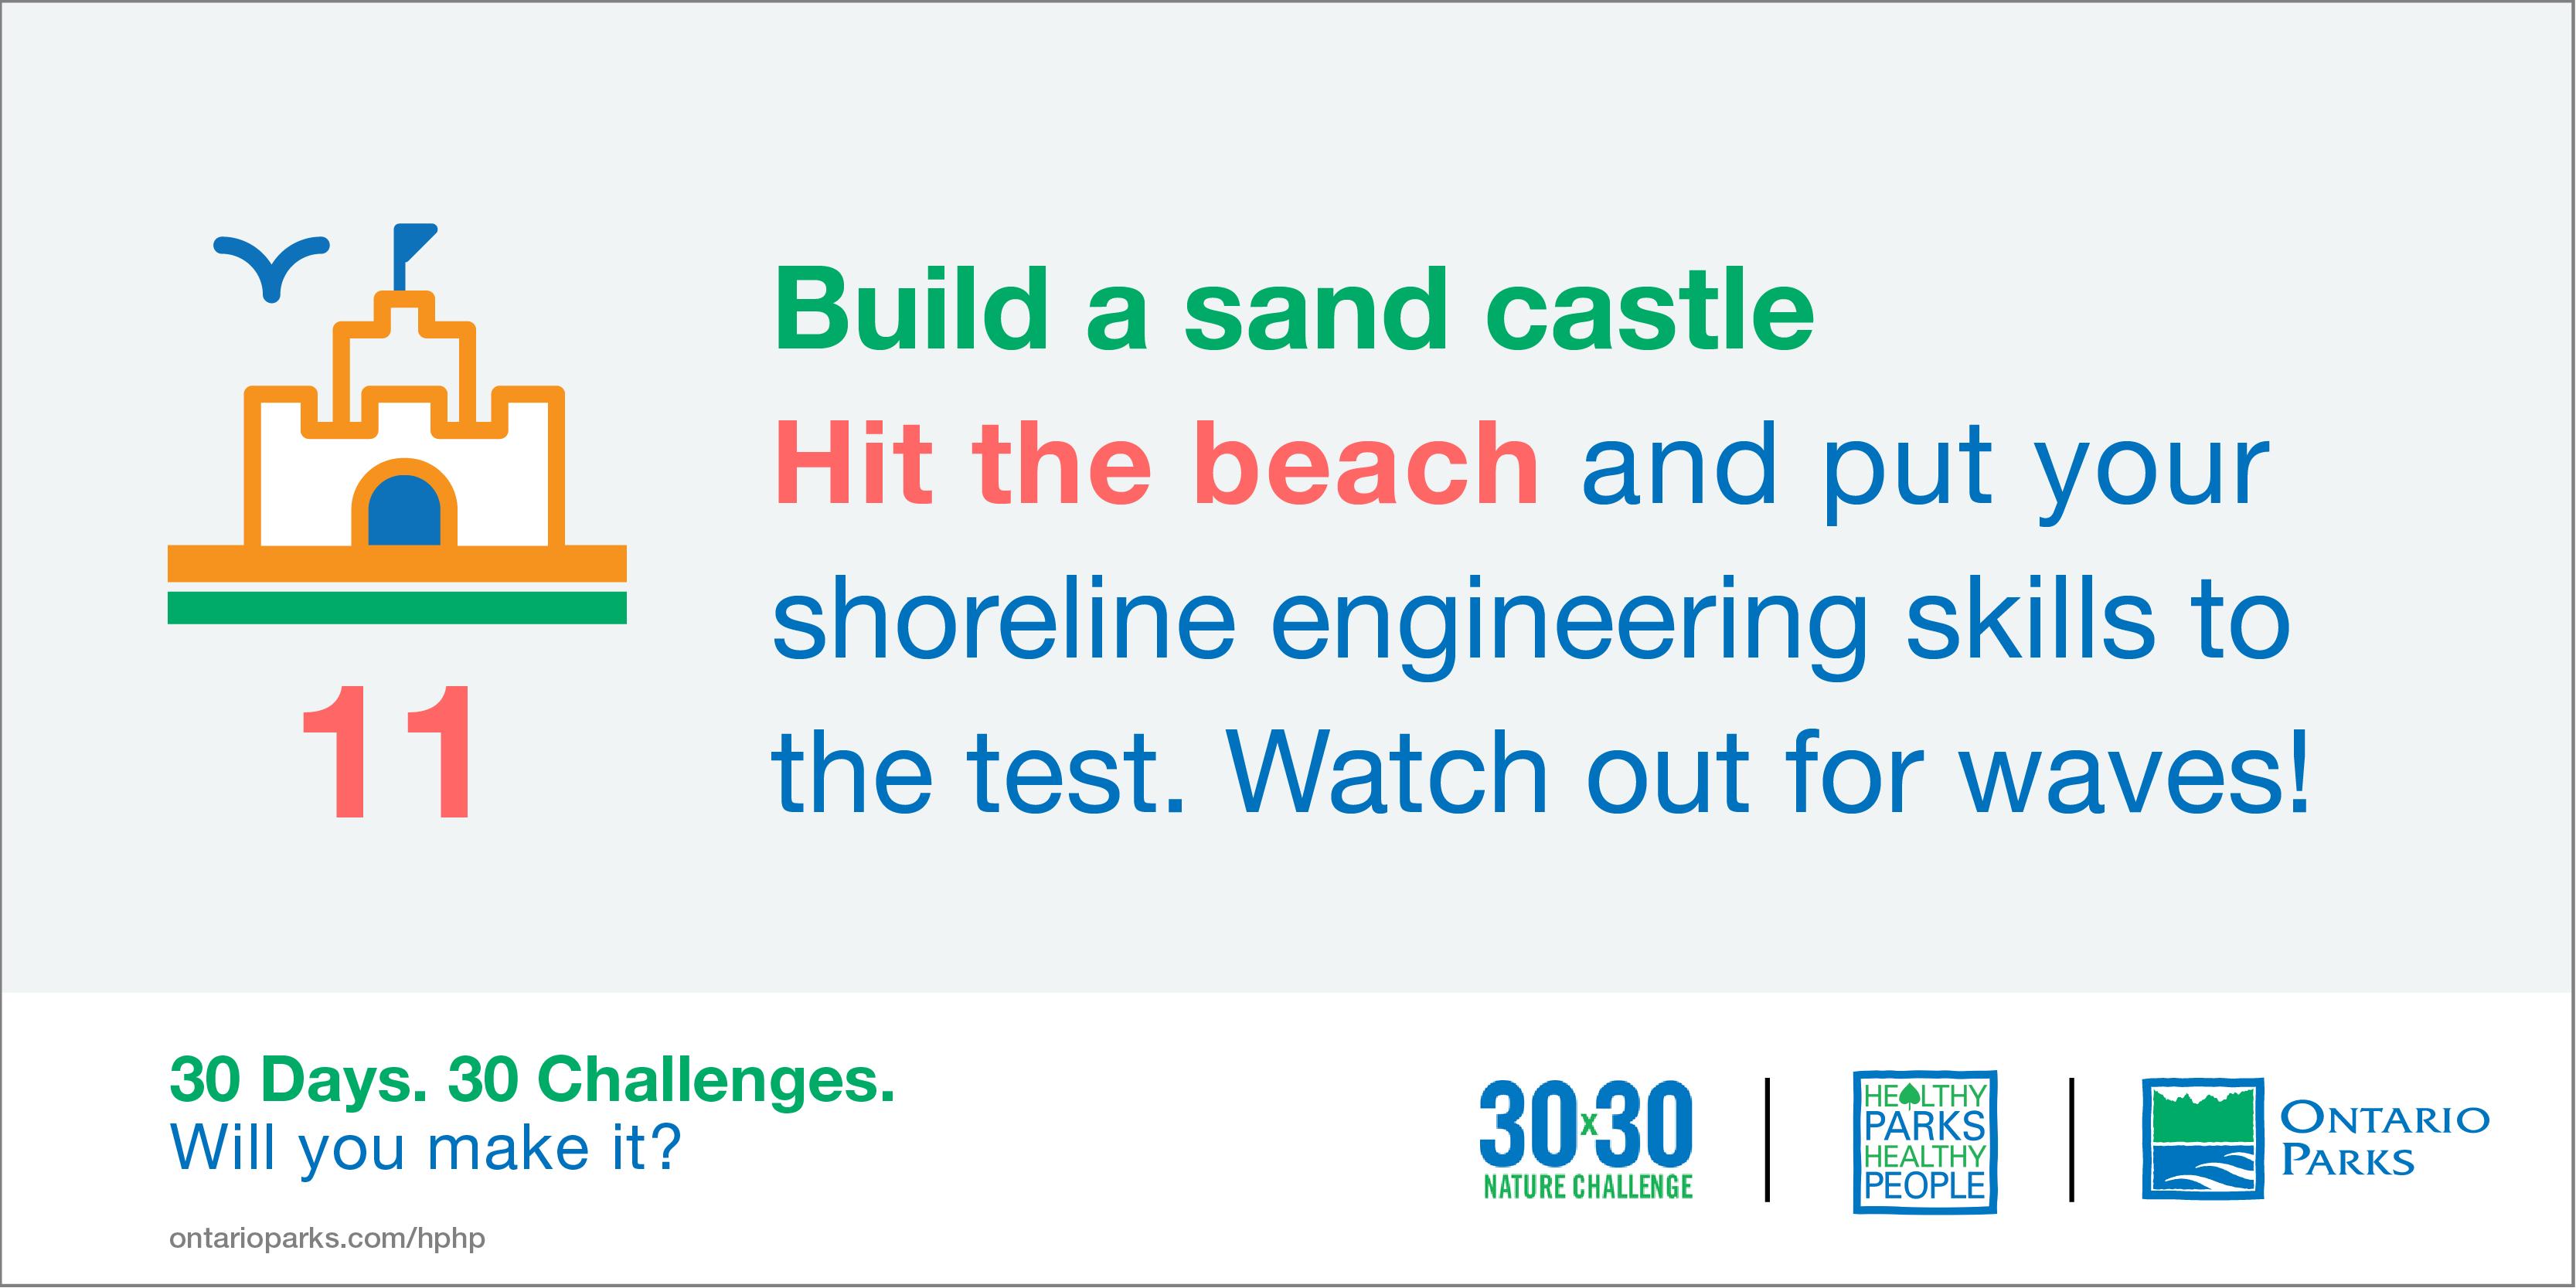 #30x30Challenge: Build a sandcastle